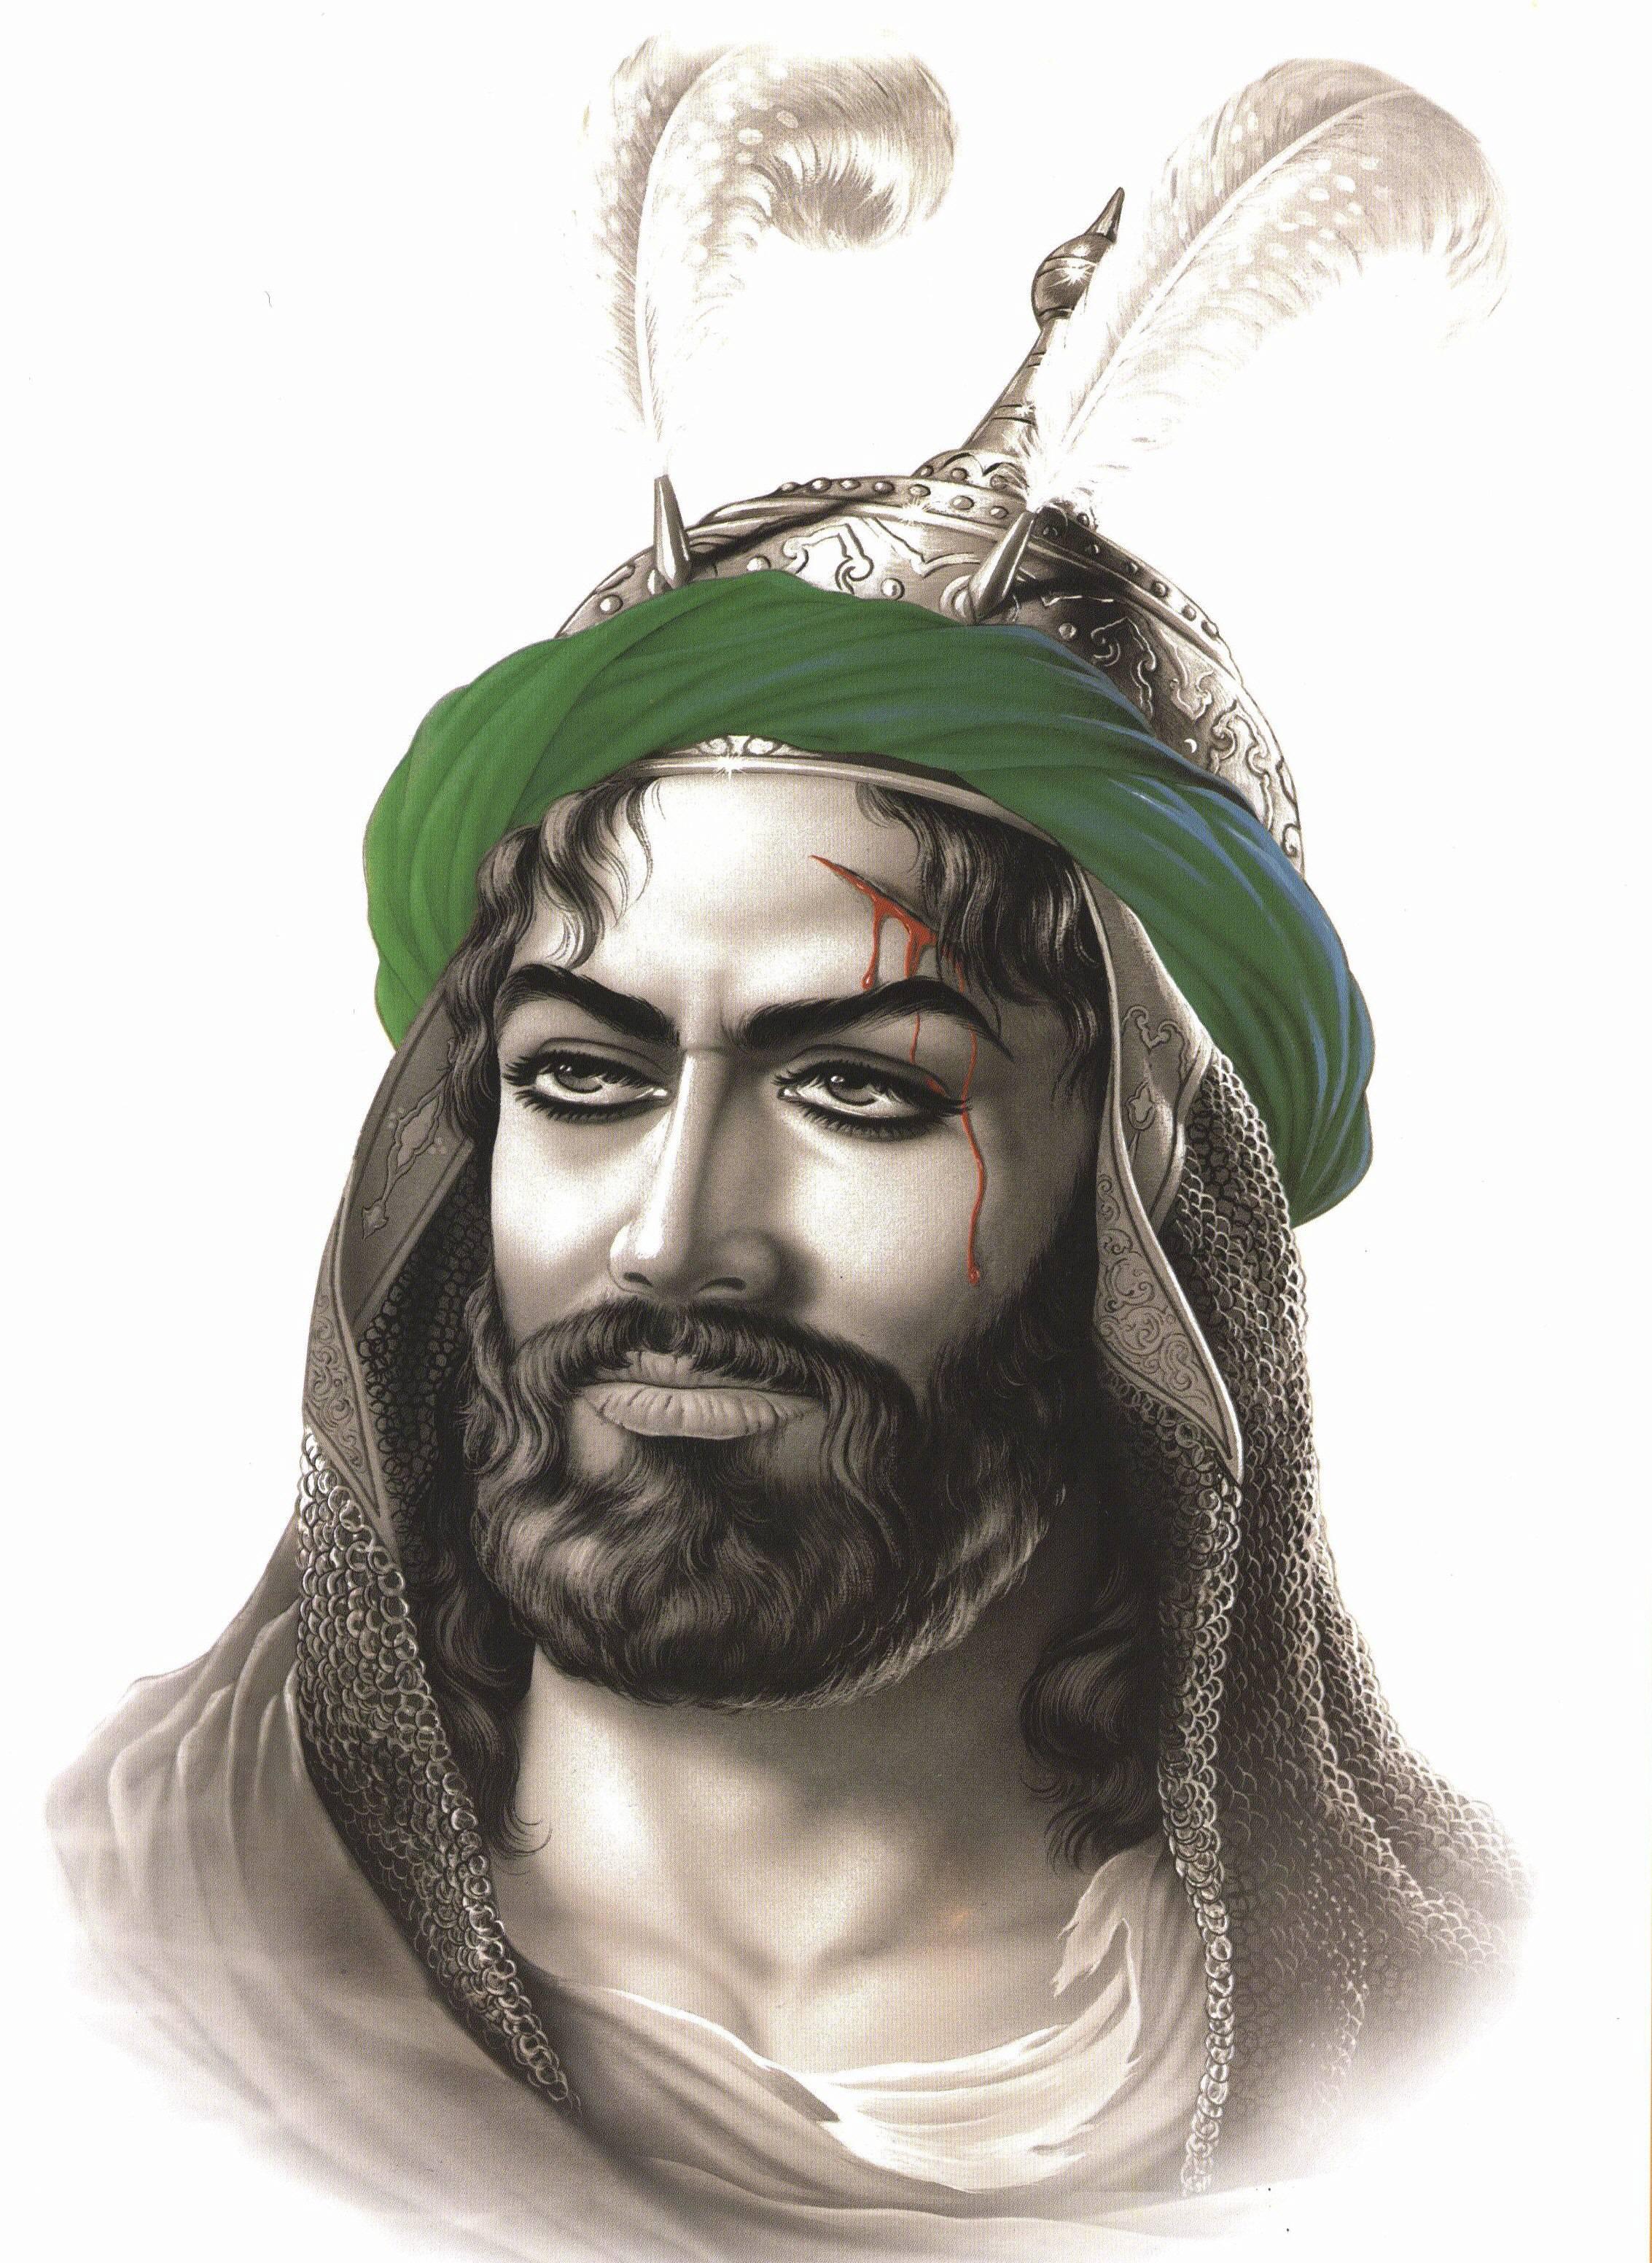 عکس حضرت ابوالفضل برای پروفایل , متن زیبا درباره حضرت ابوالفضل , حضرت ابوالفضل العباس